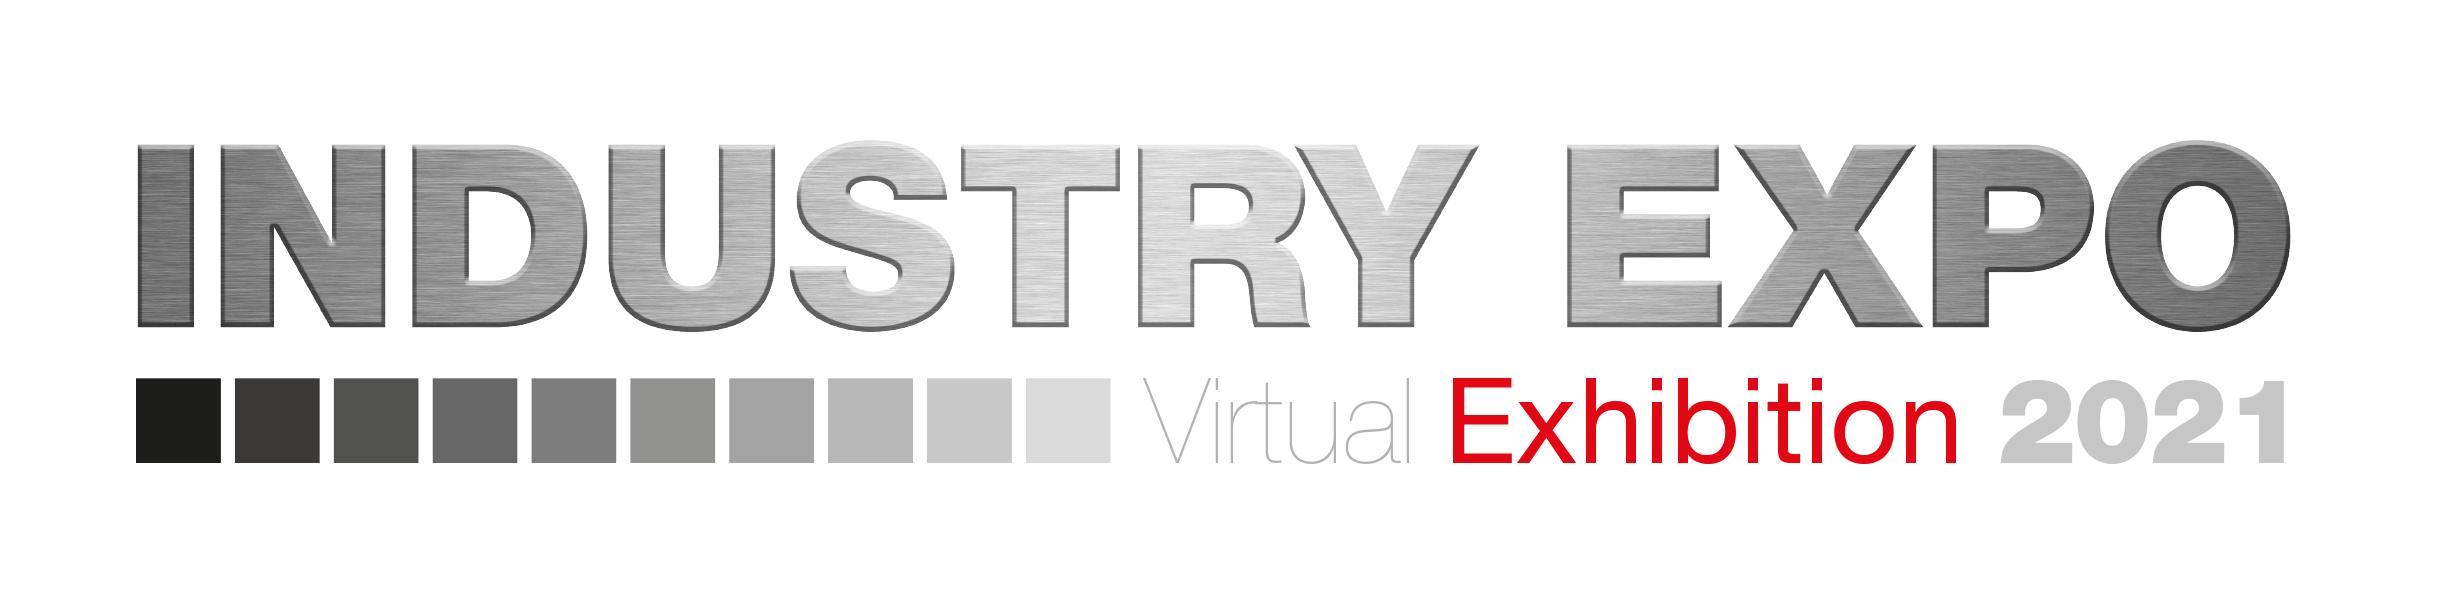 IndustryExpo Virtual Exhibition